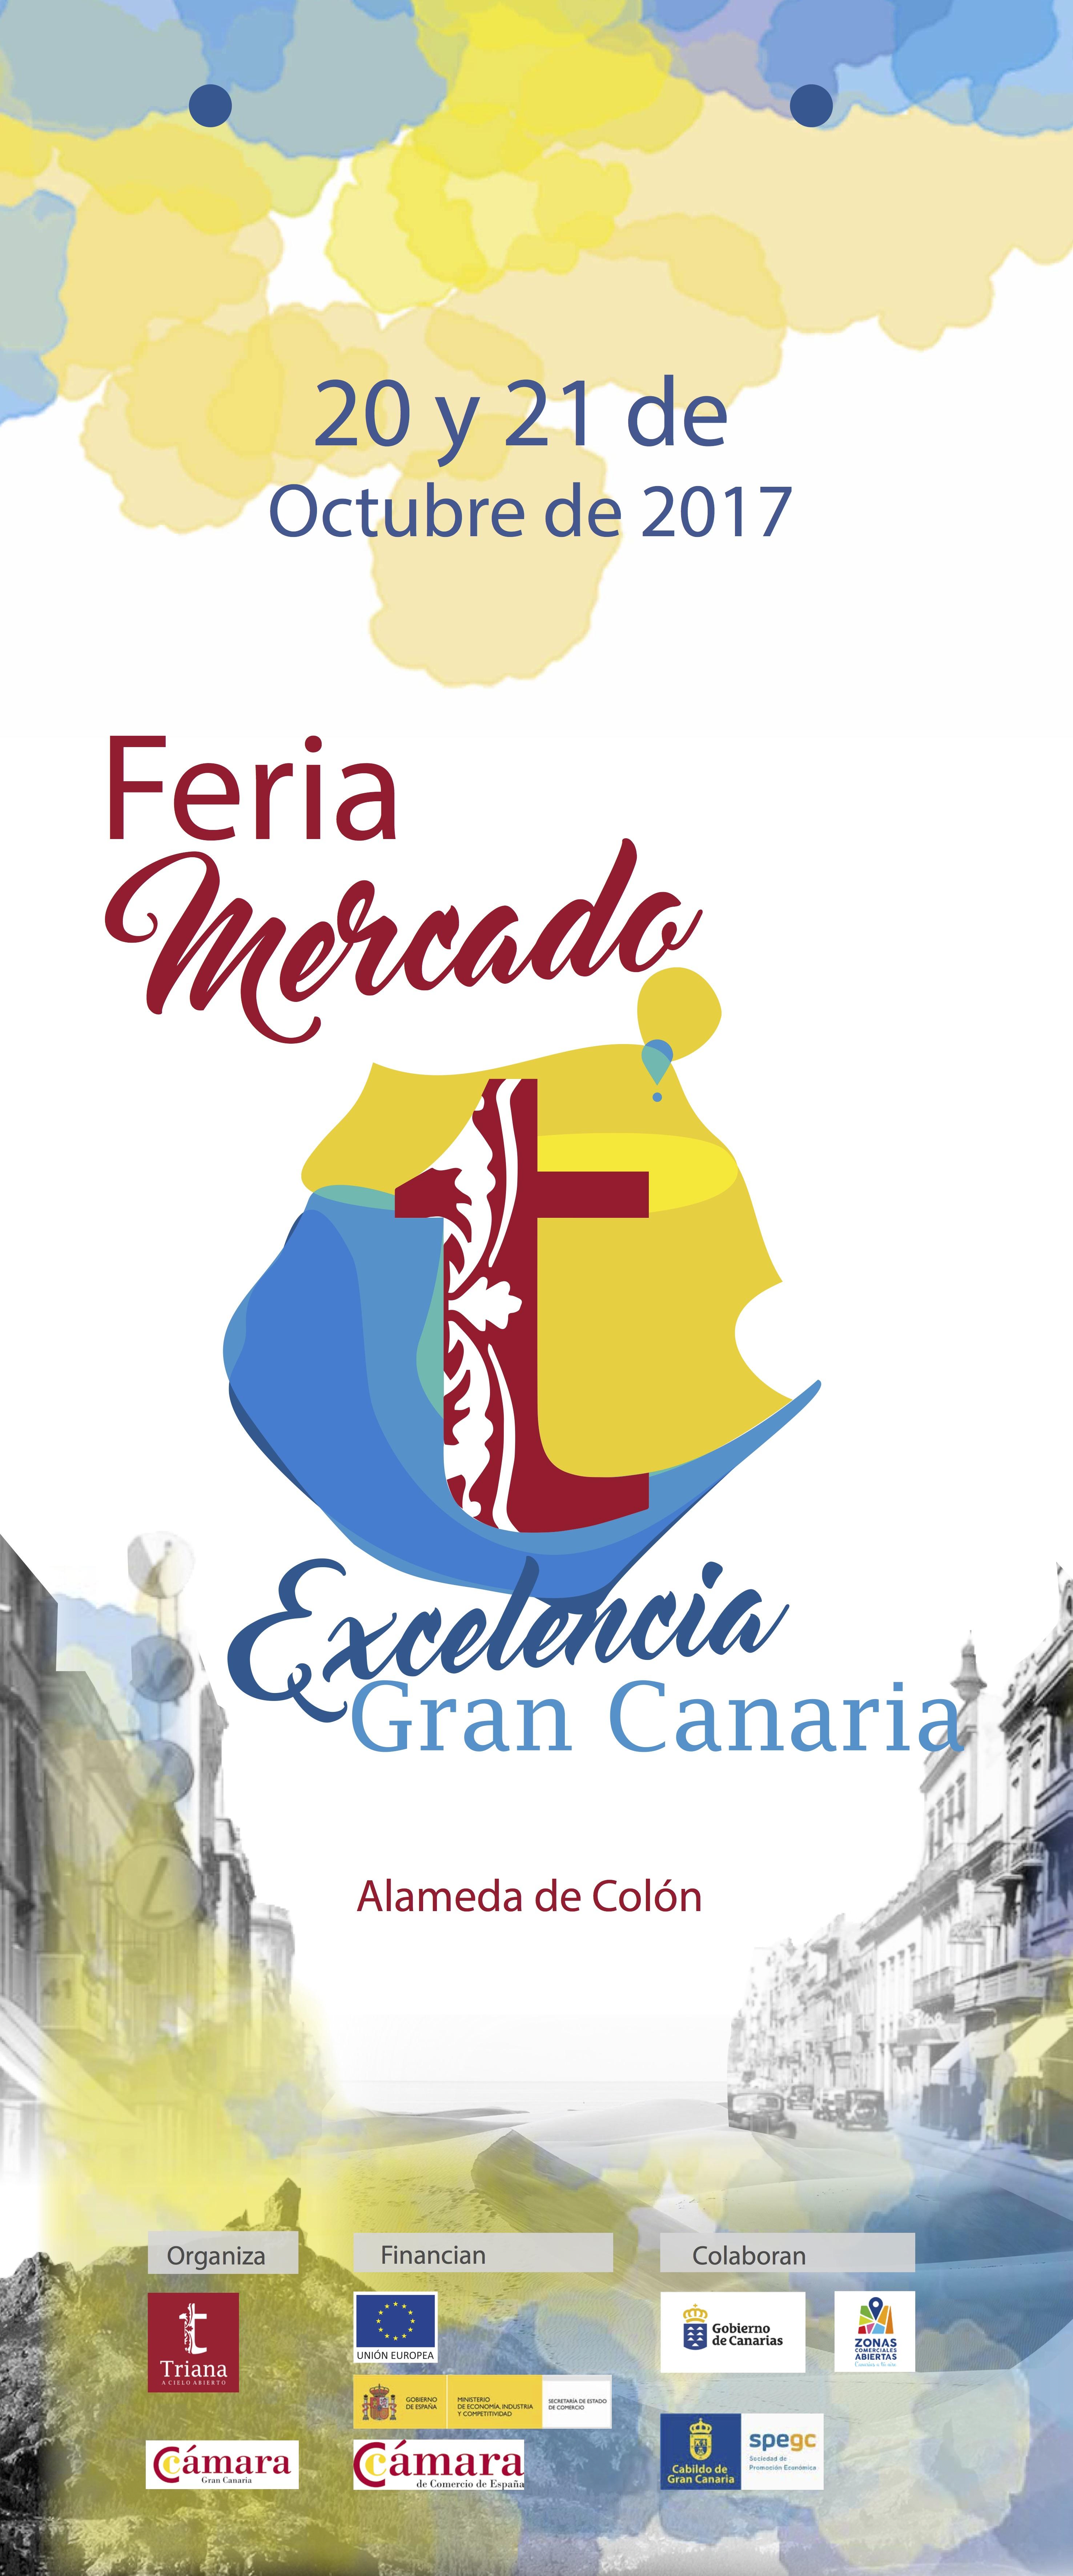 Feria Mercado, Excelencia Gran Canaria.